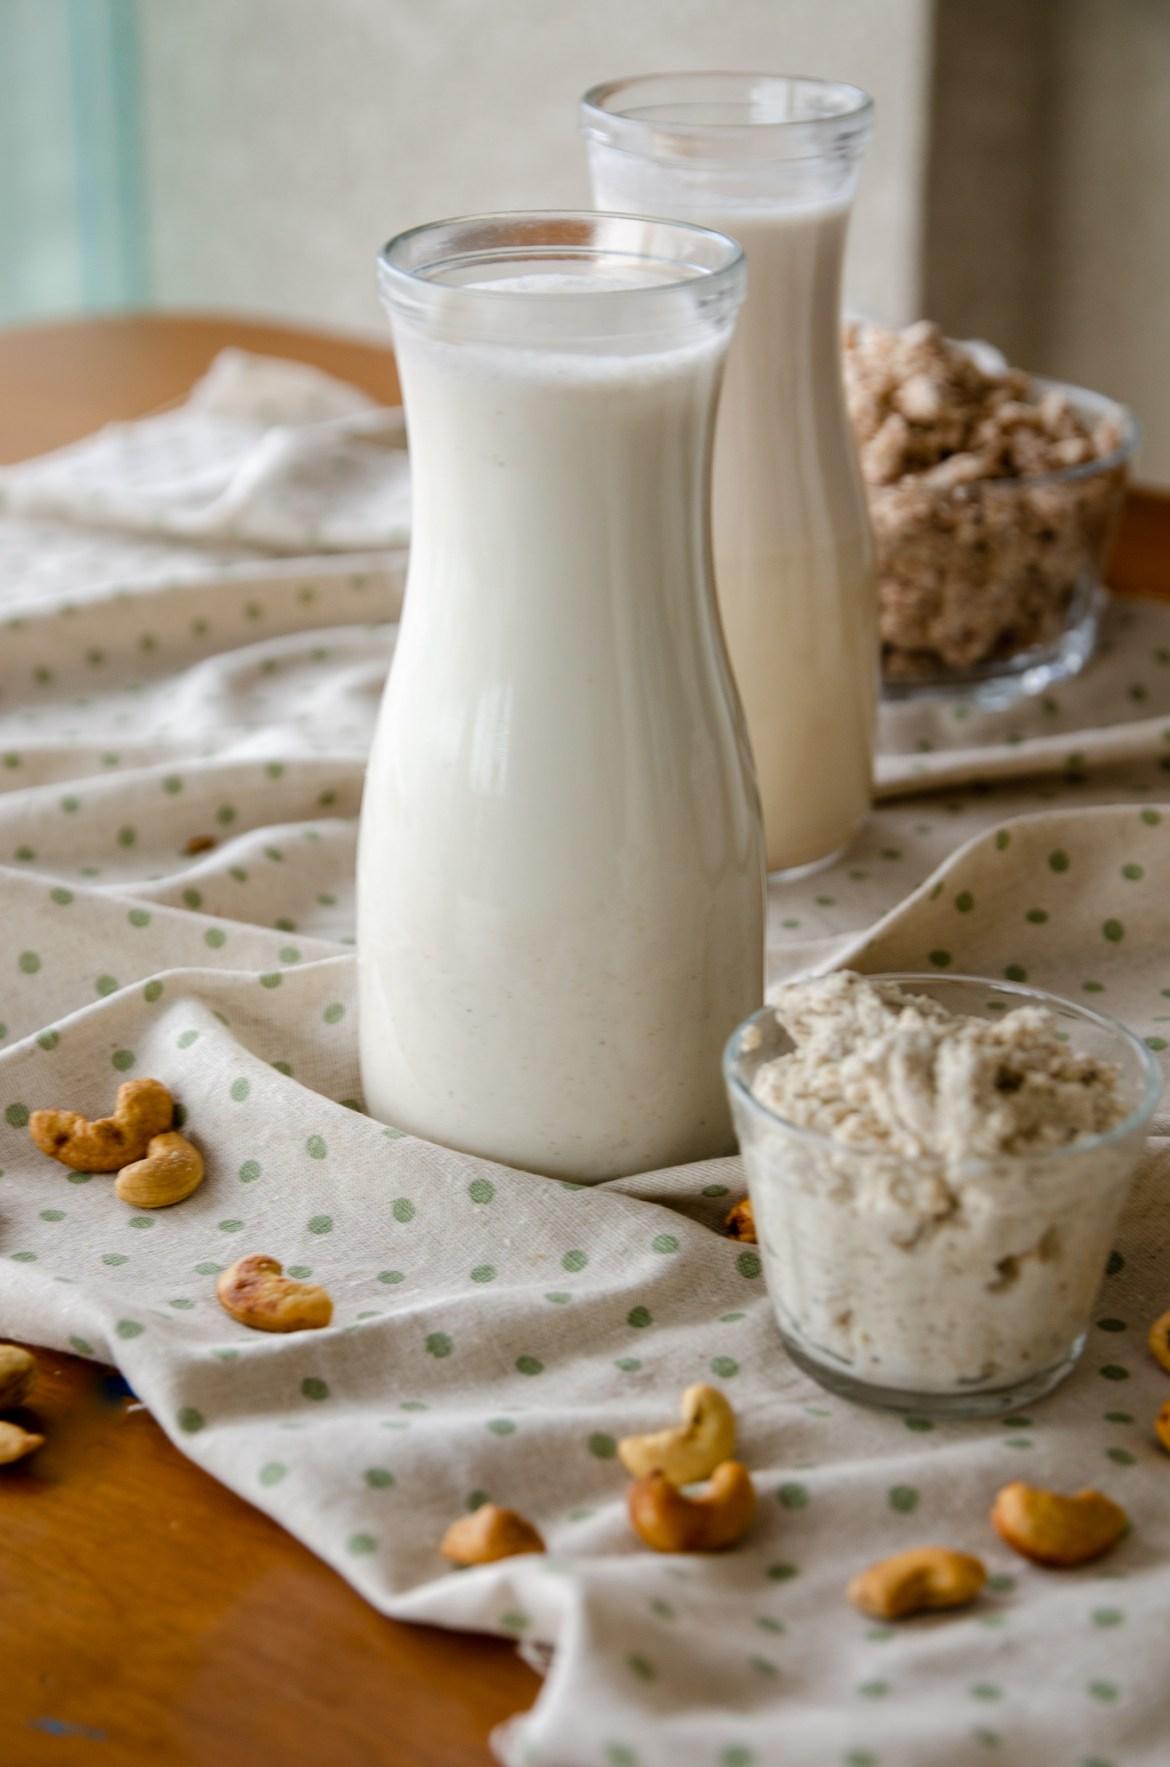 leite vegetal e seu resíduo em potes transparentes